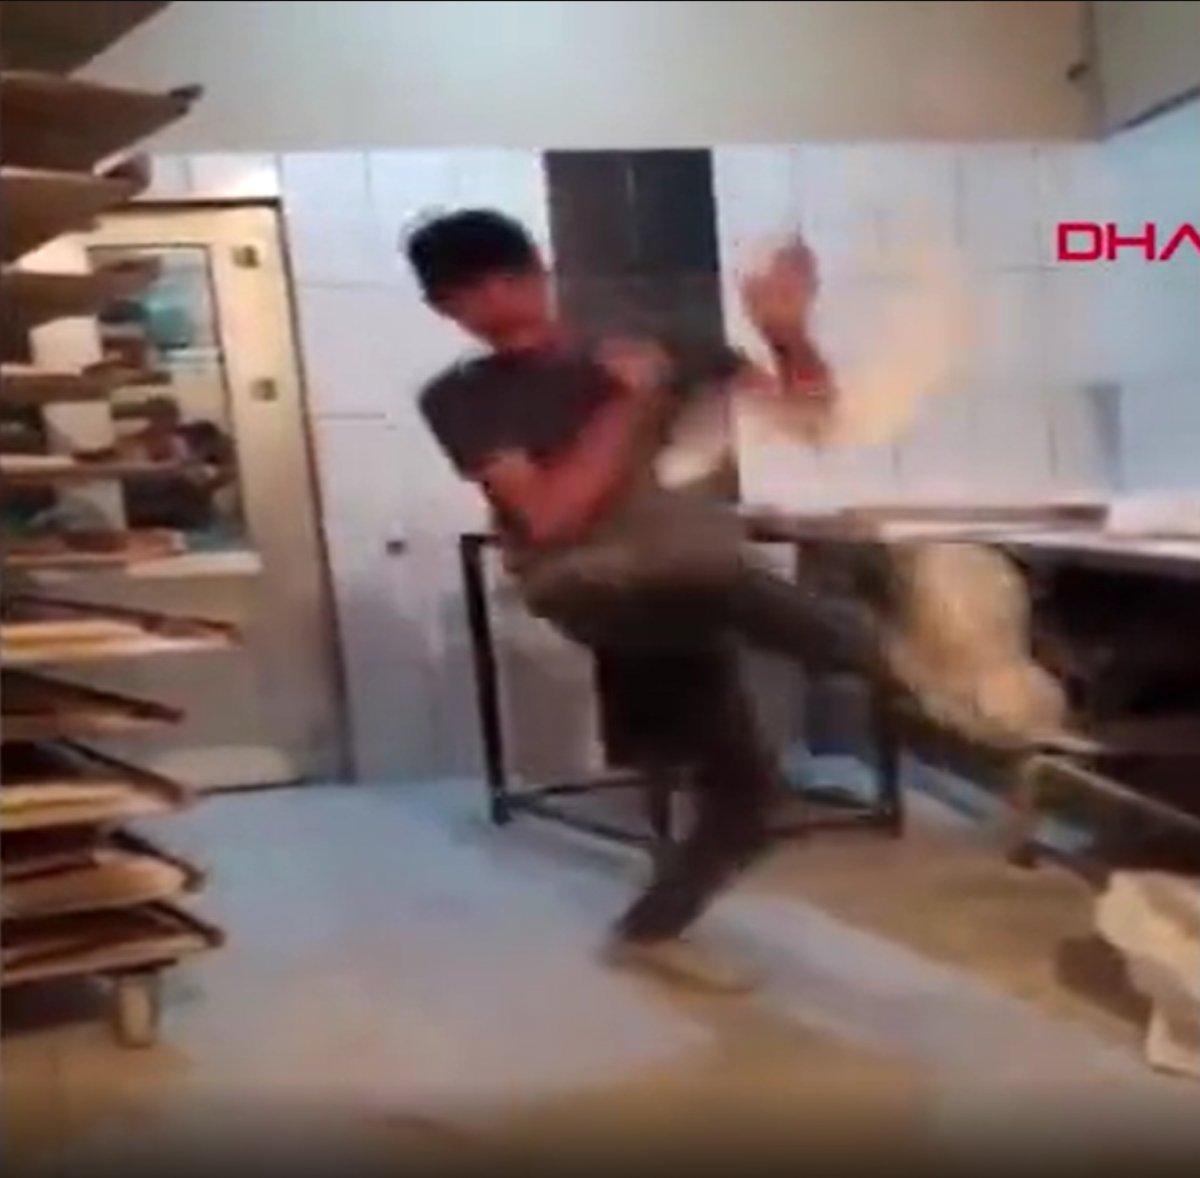 Van da ekmek hamuruyla top gibi oynayan fırın çalışanı serbest bırakıldı #3